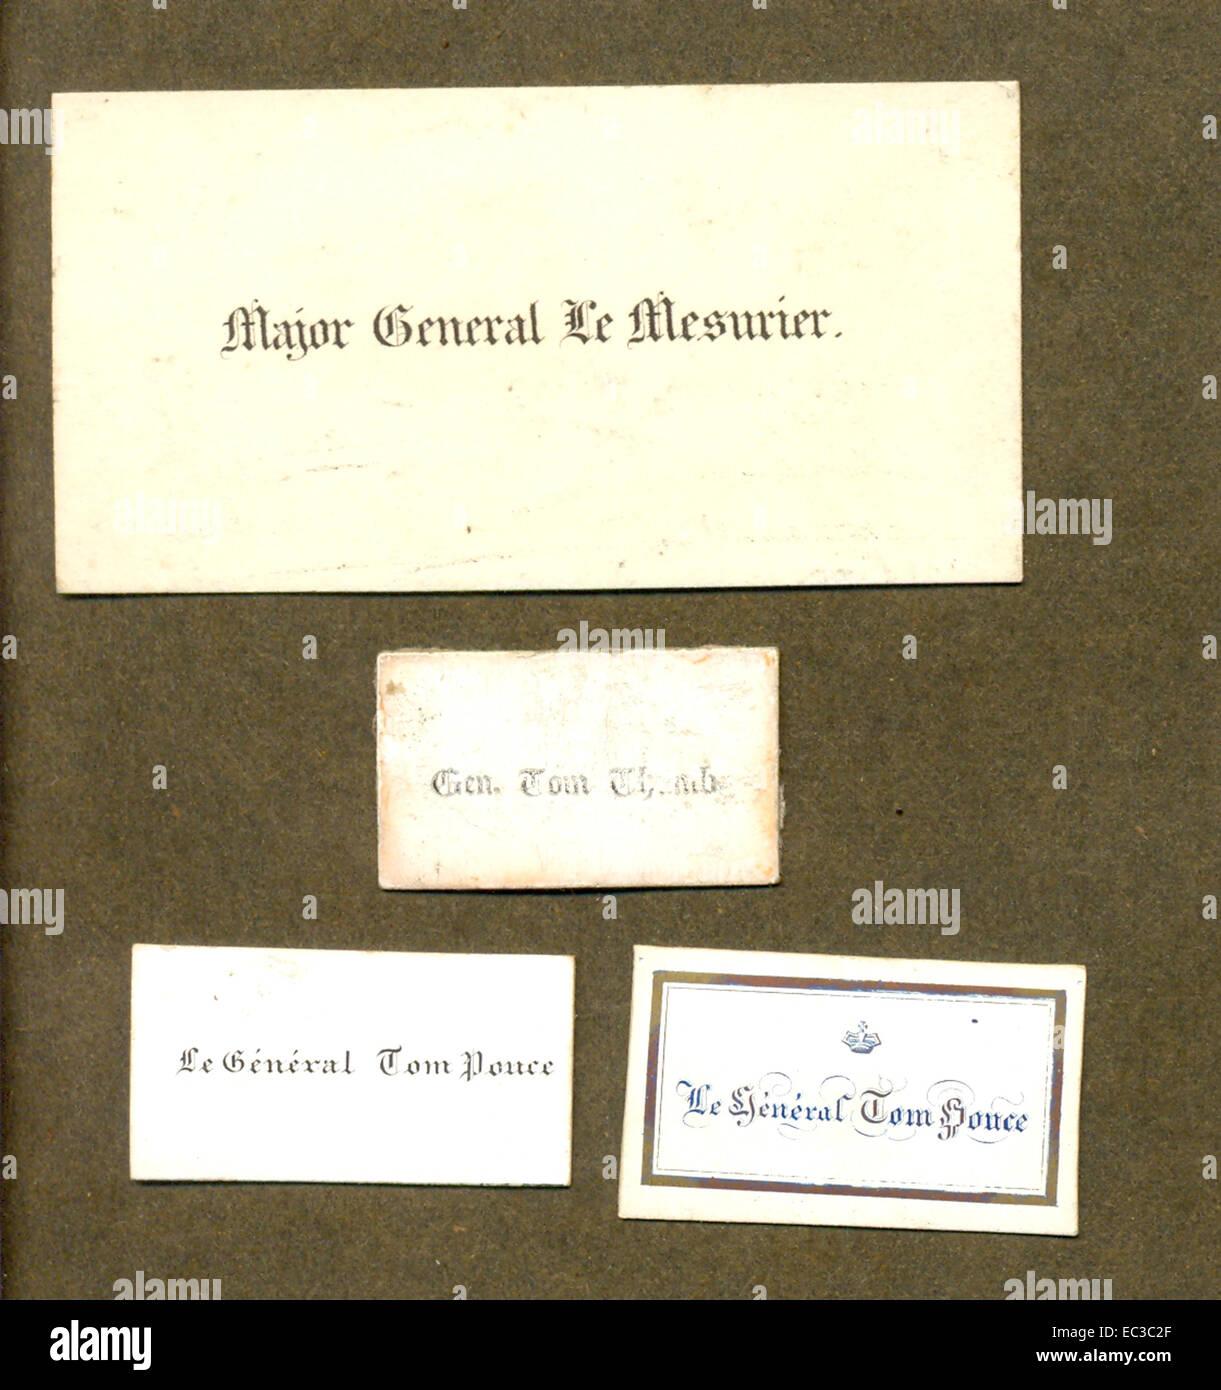 Petites Cartes De Visite Pour General Tom Thumb Charles S Stratton Illustr Avec Carte Taille Conventionnelle